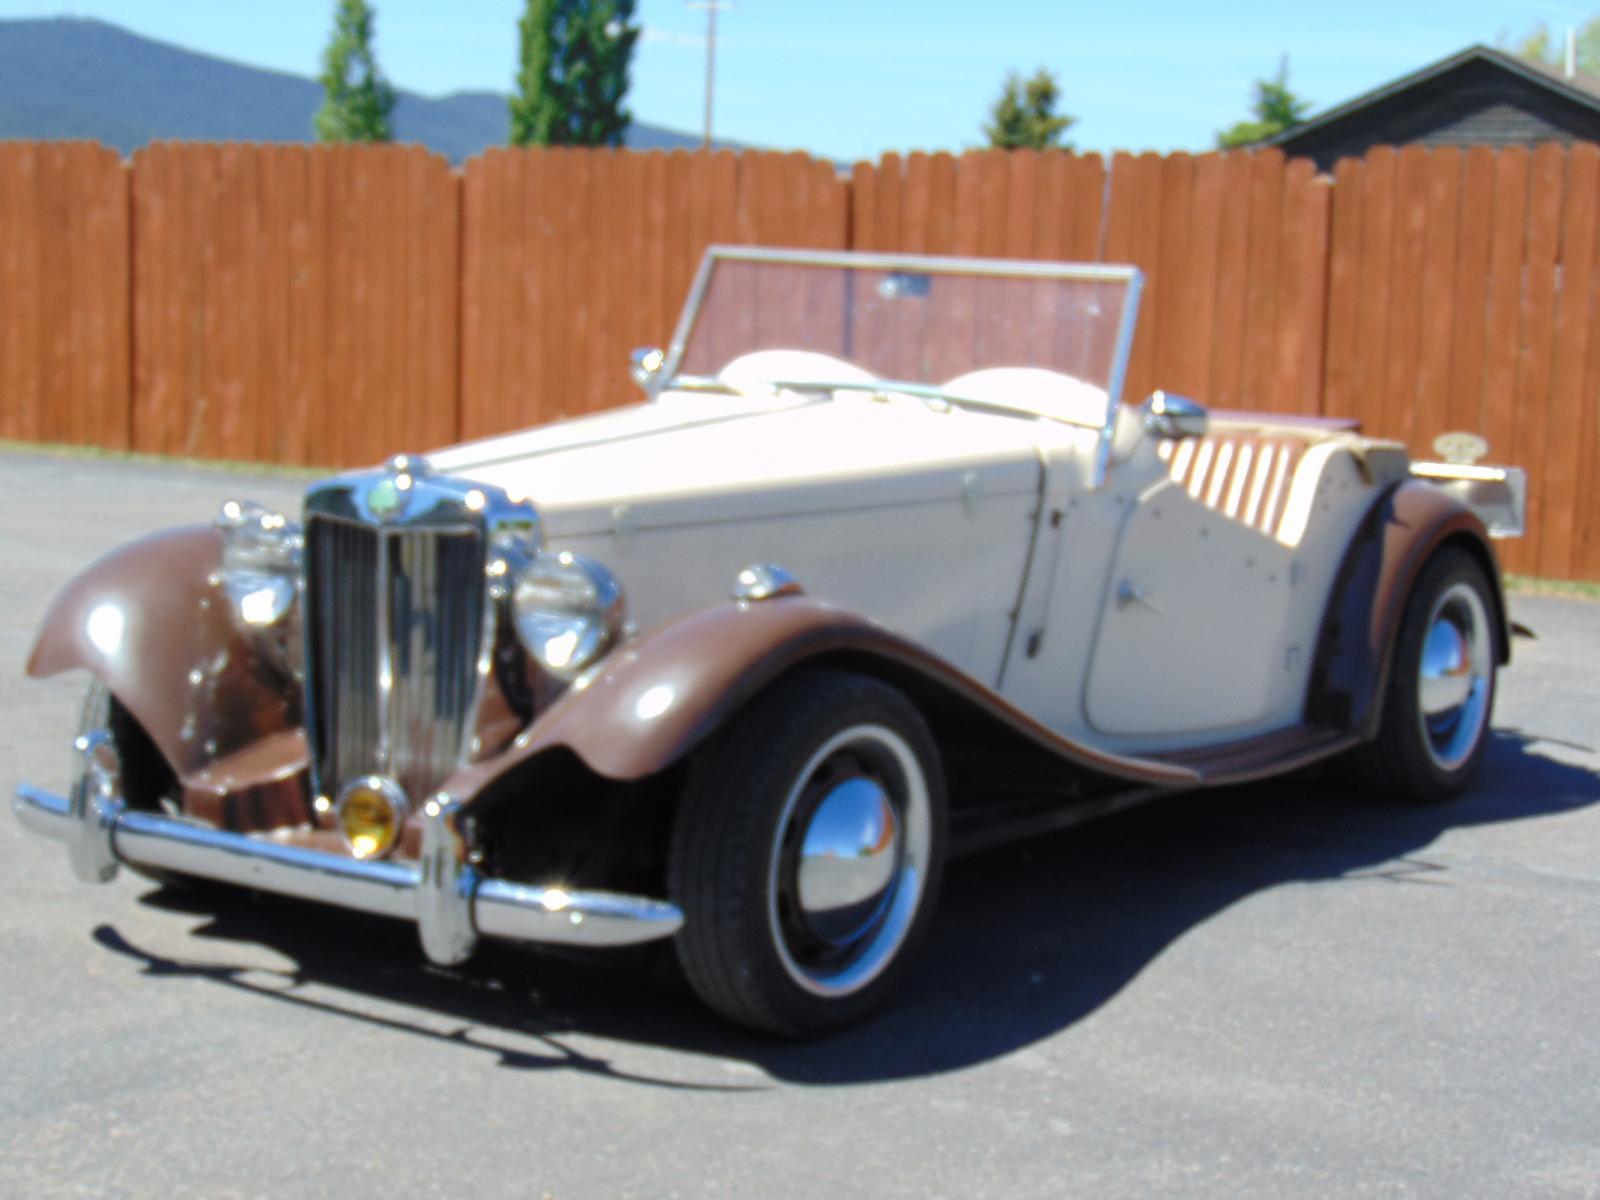 Thesamba Com Gallery Fiberfab Mg Td Kit Car Old School Roadster